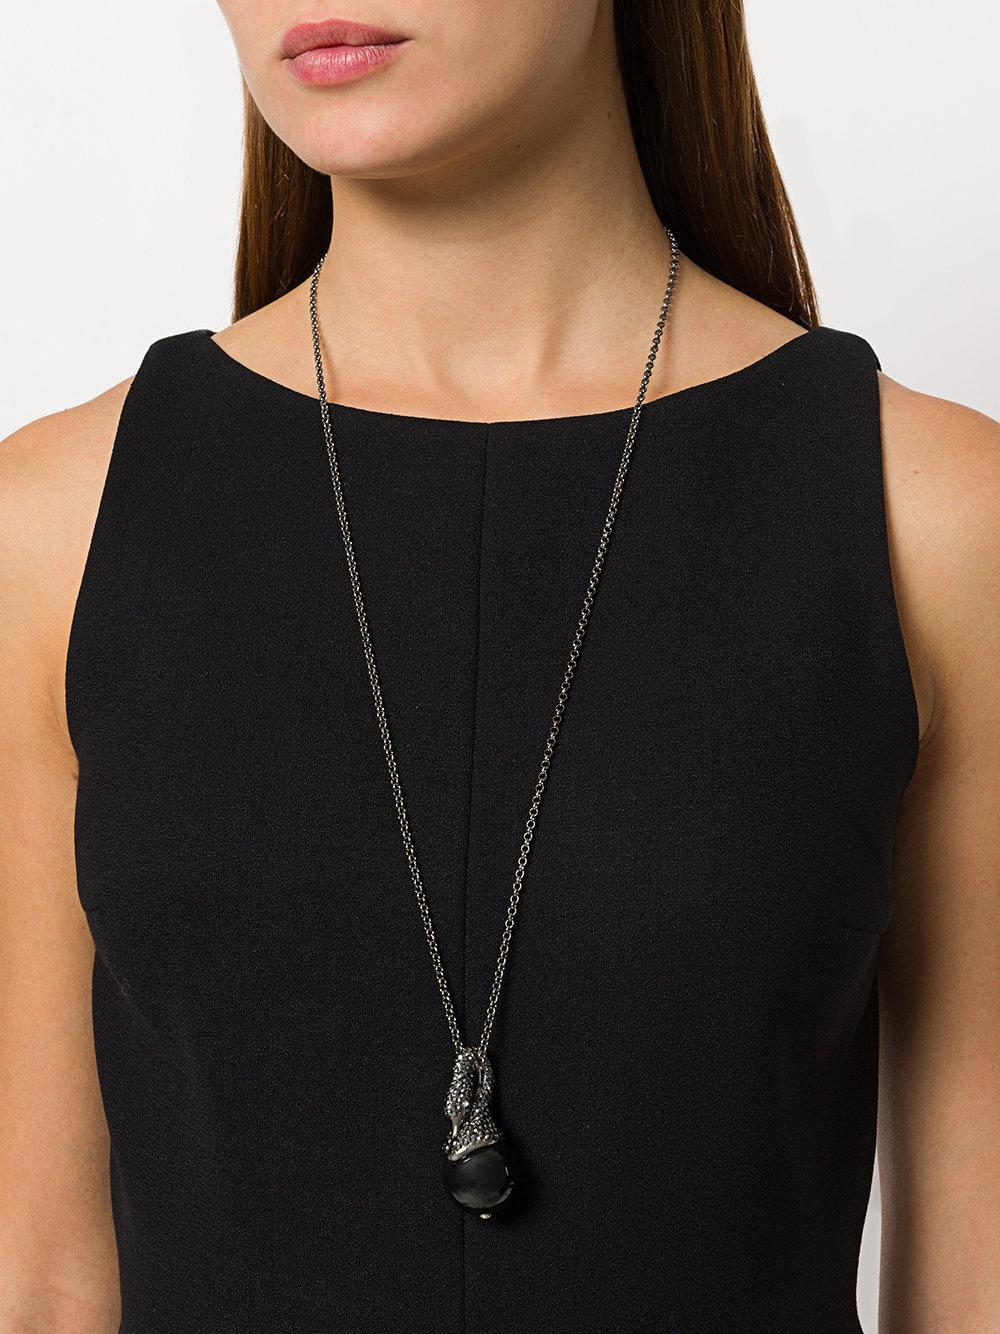 Lanvin Crystal-embellished Swan Pendant Necklace in Black